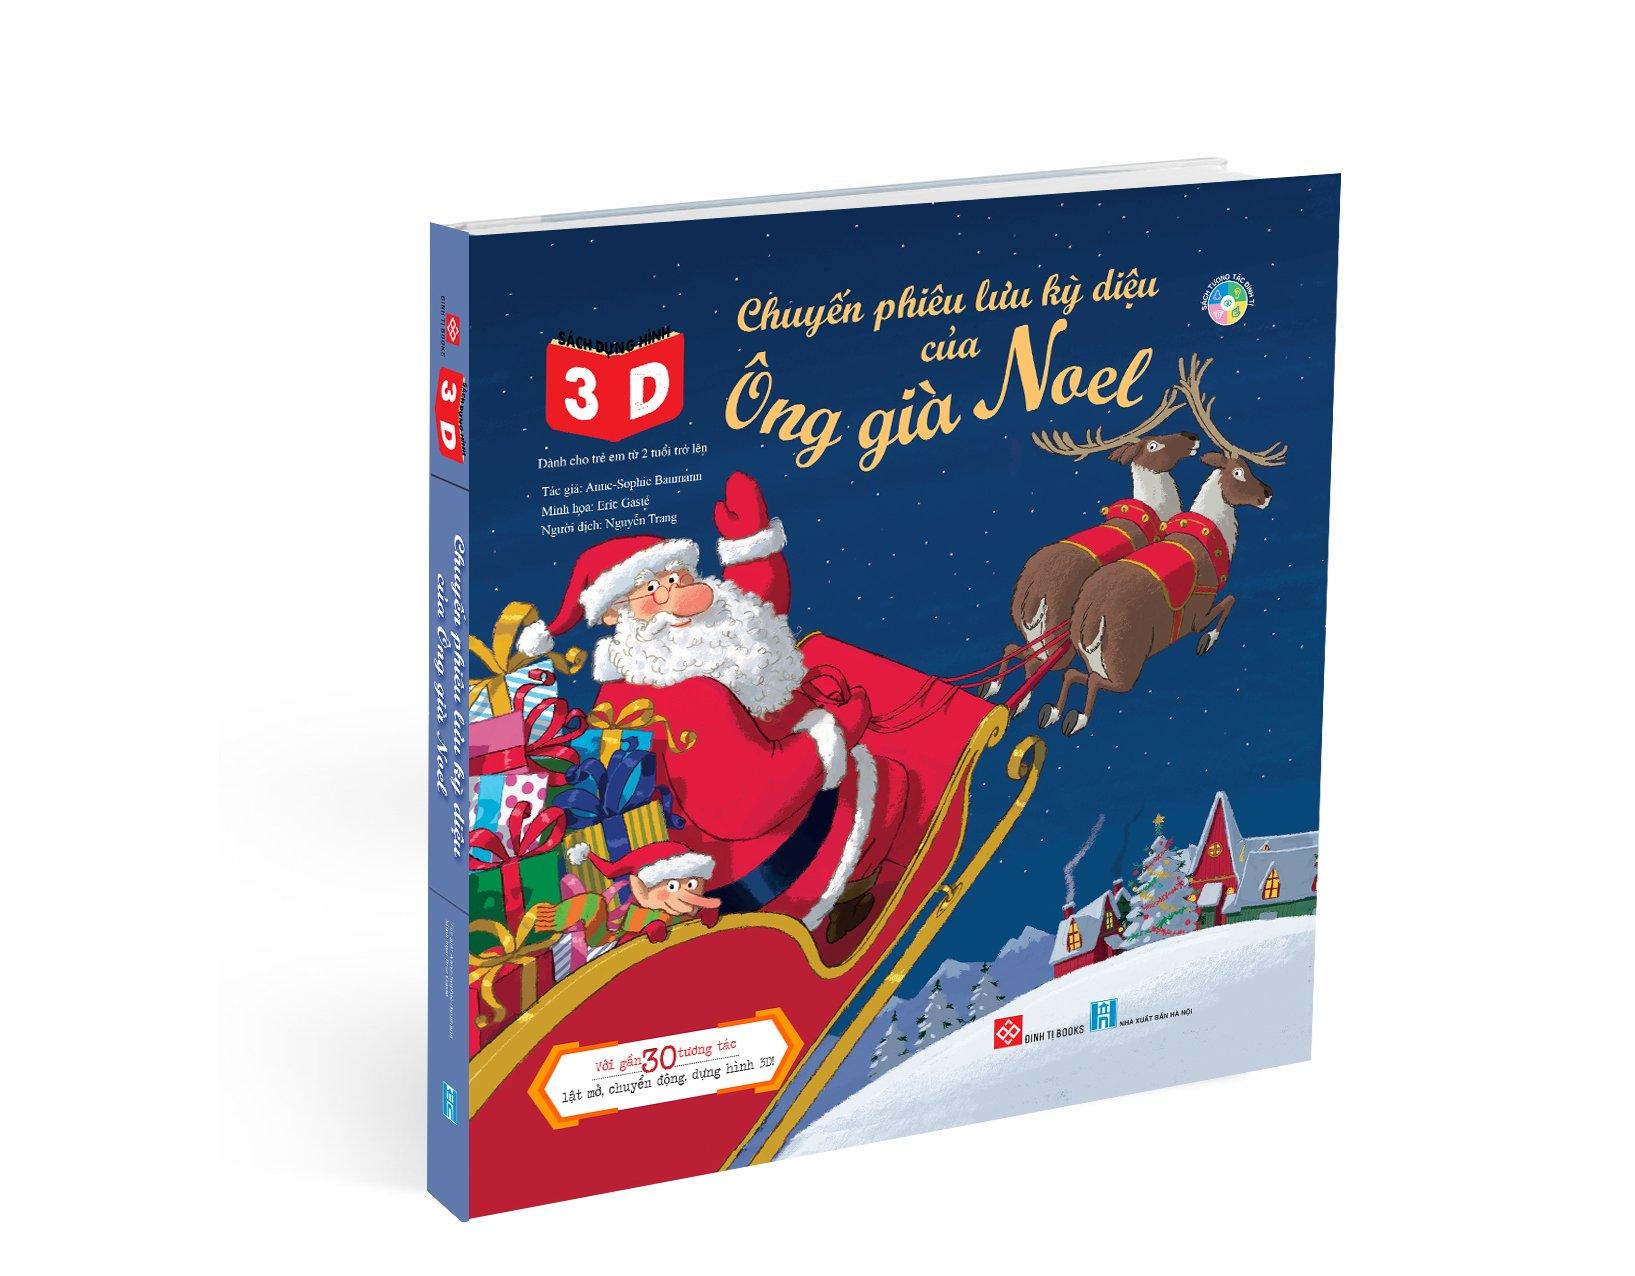 Sách dựng hình 3D - Chuyến phiêu lưu kỳ diệu của Ông già Noel (Tặng kèm Balo Noel)